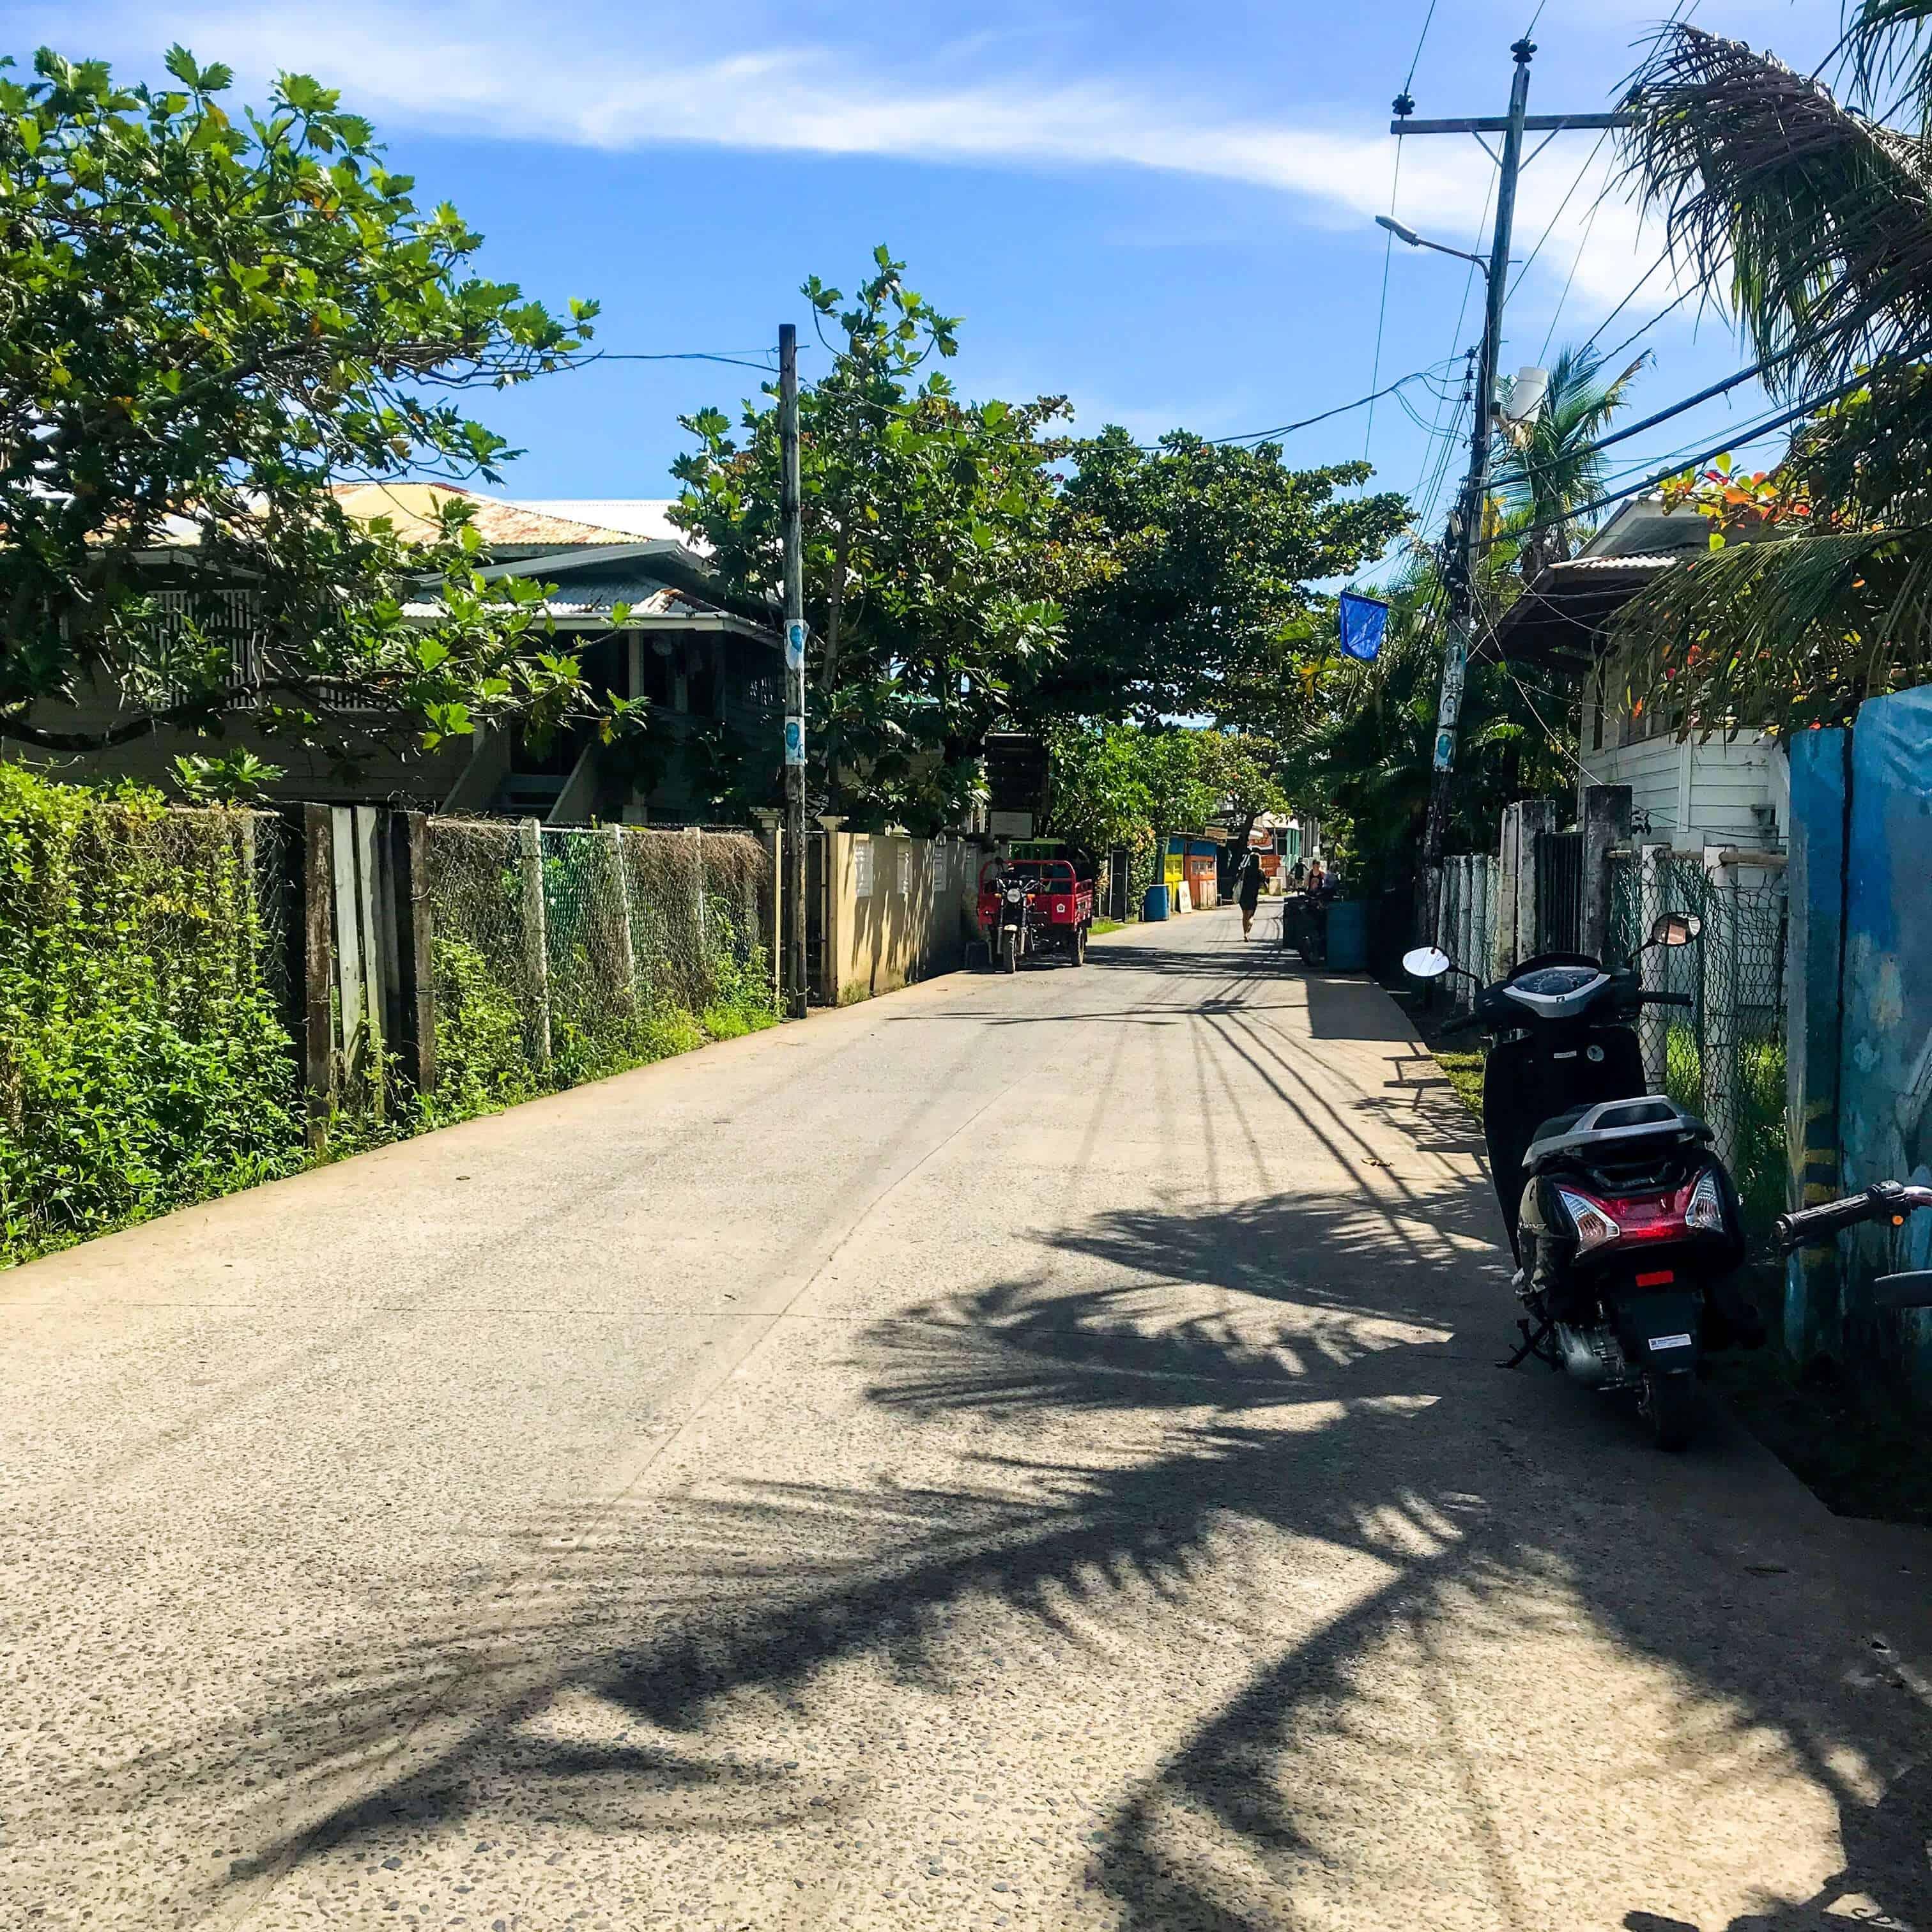 Walking down the street in Utila